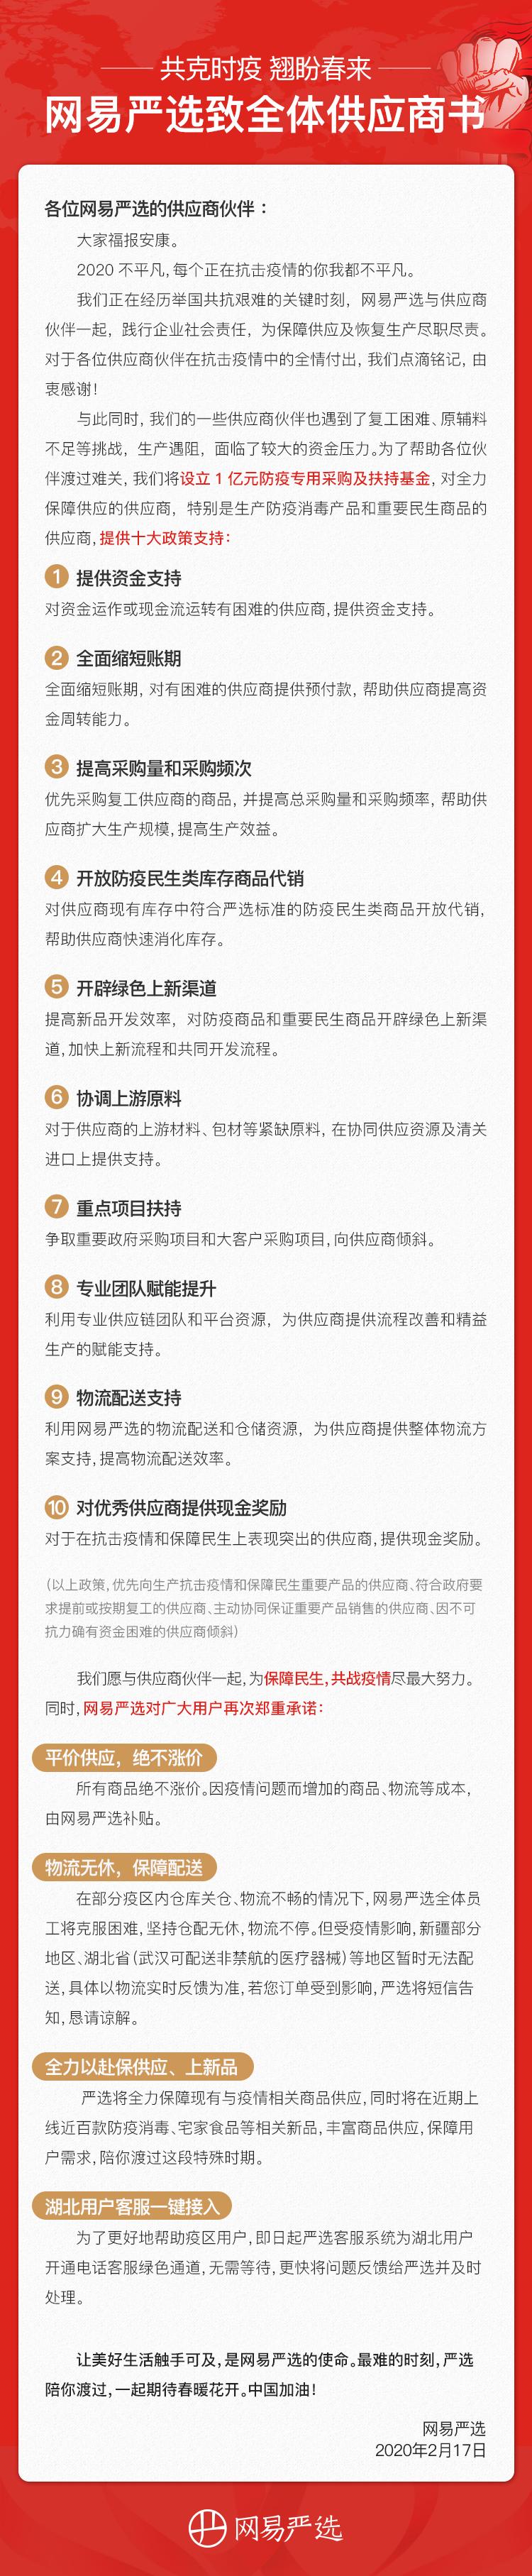 """网易严选发布致全体供应商书 帮助供应商打赢疫情""""经济仗"""""""